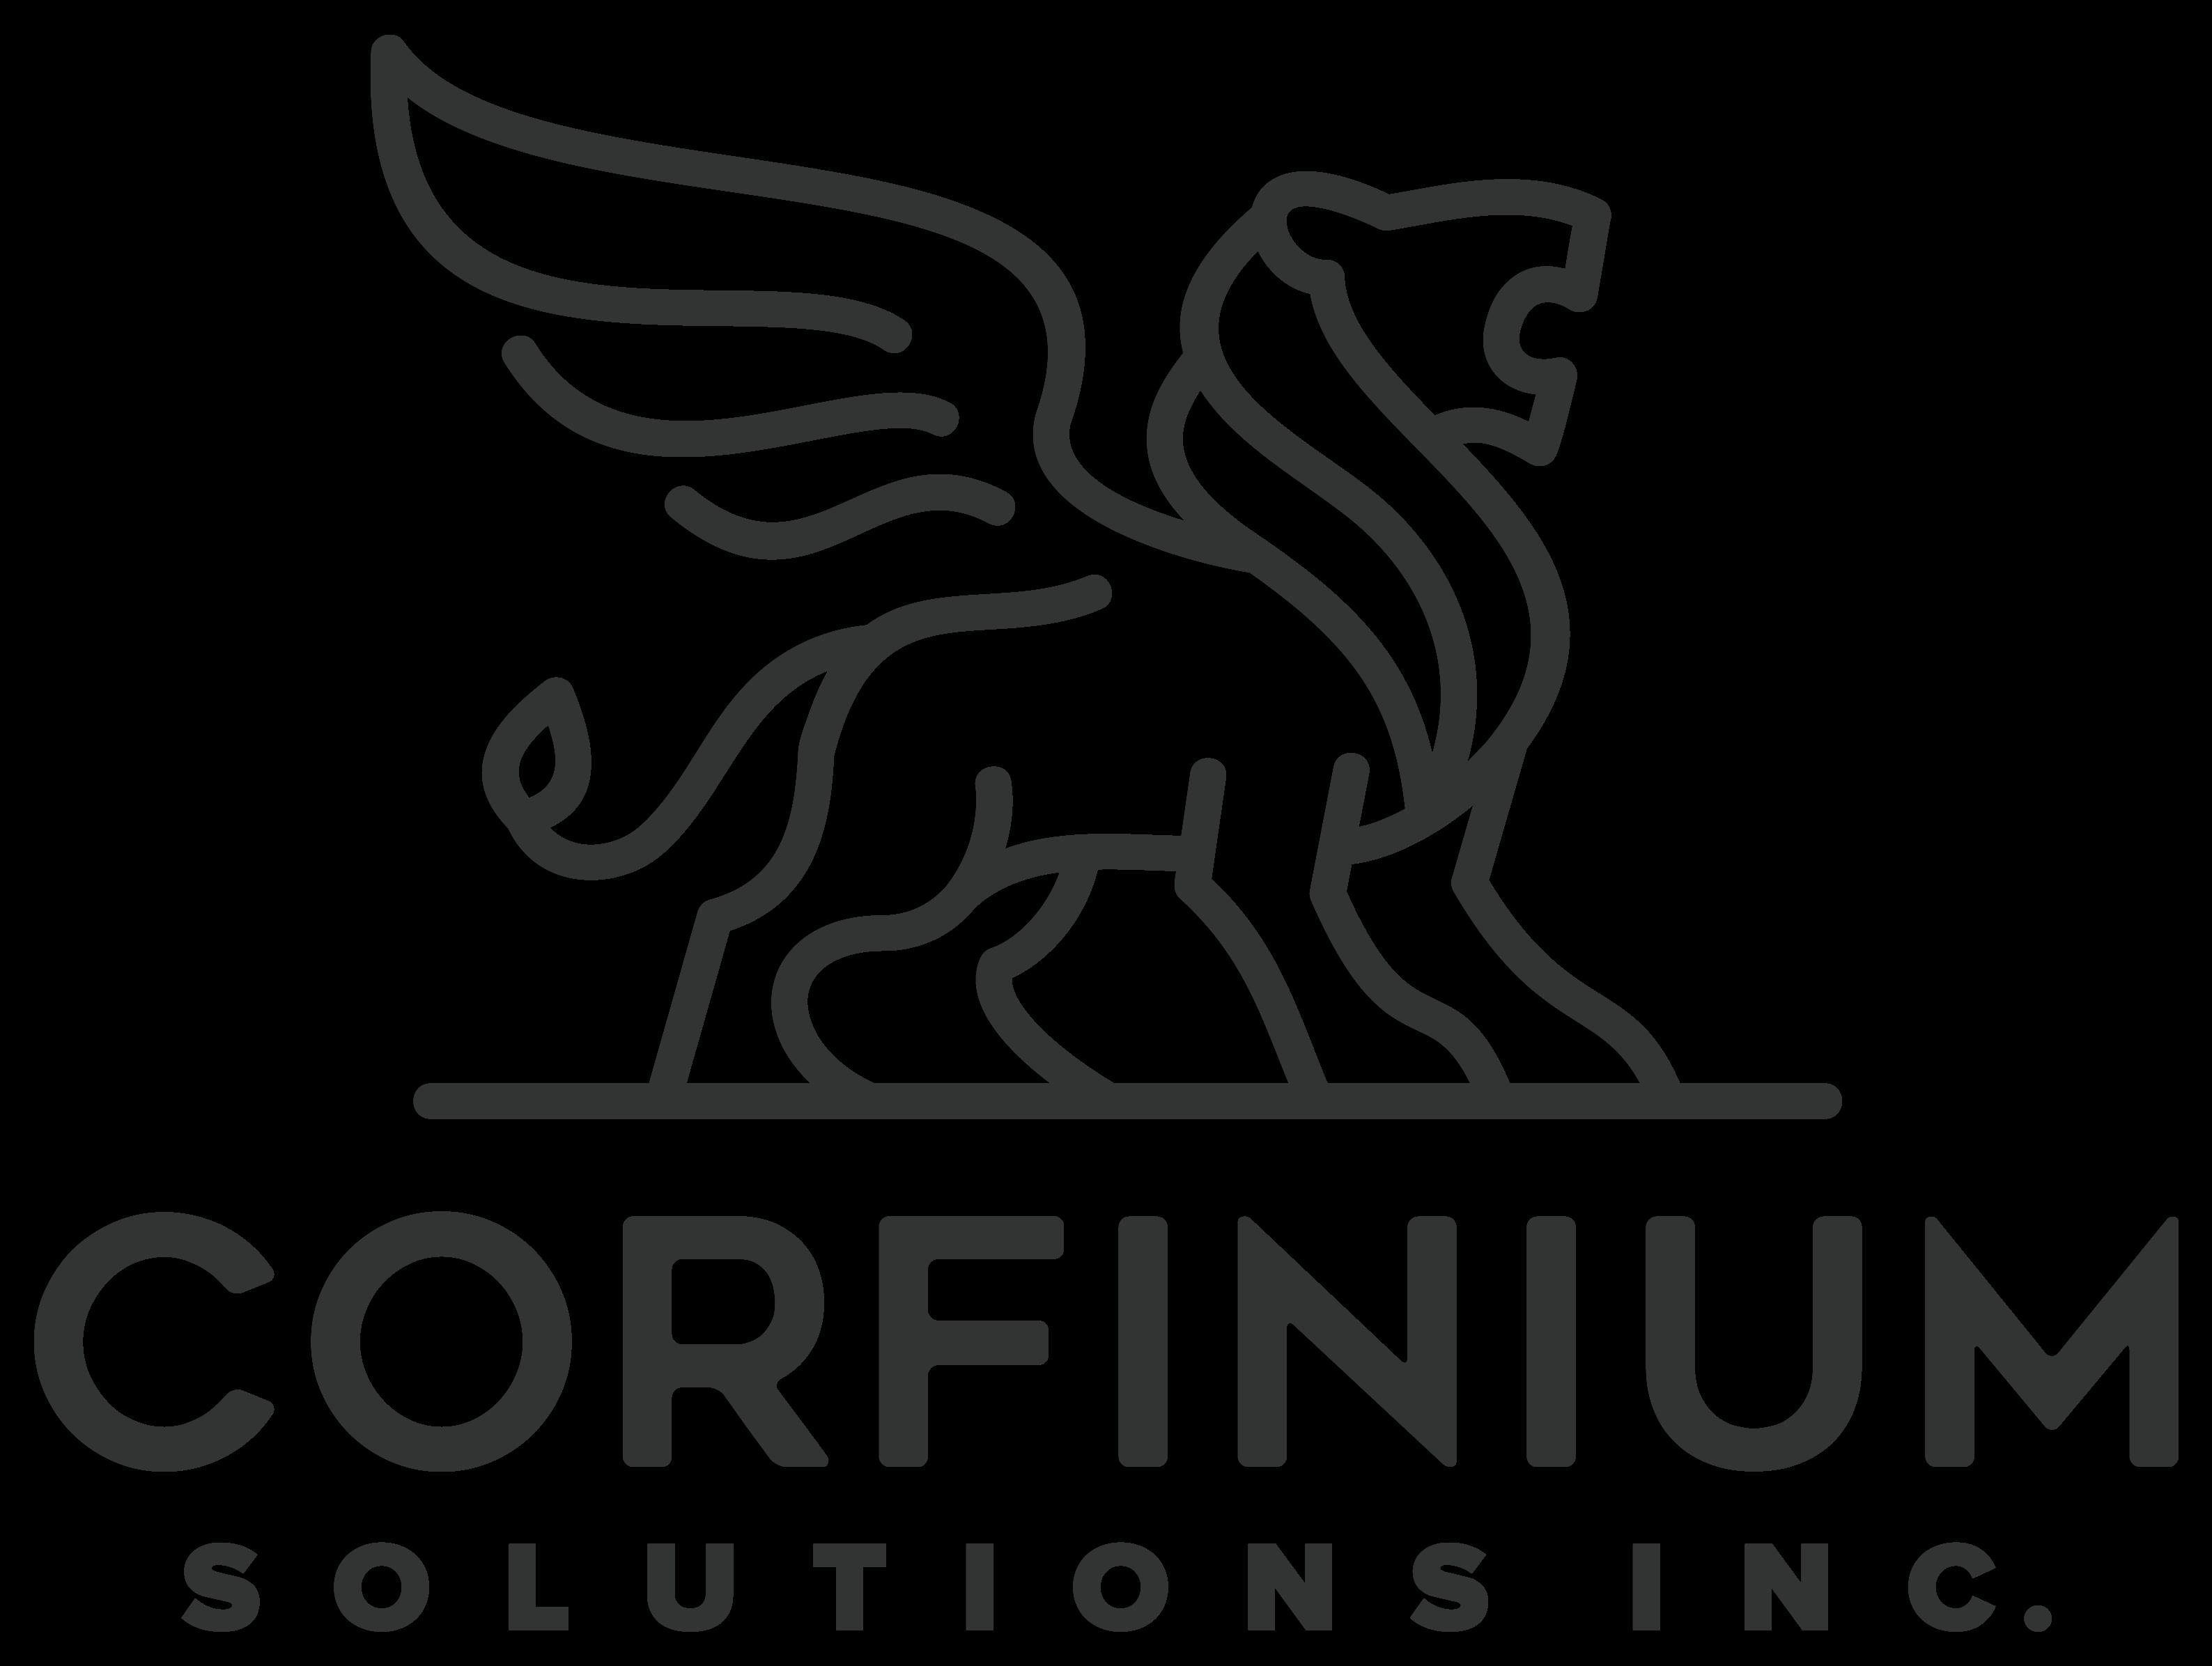 Corfinium Solutions Inc logo